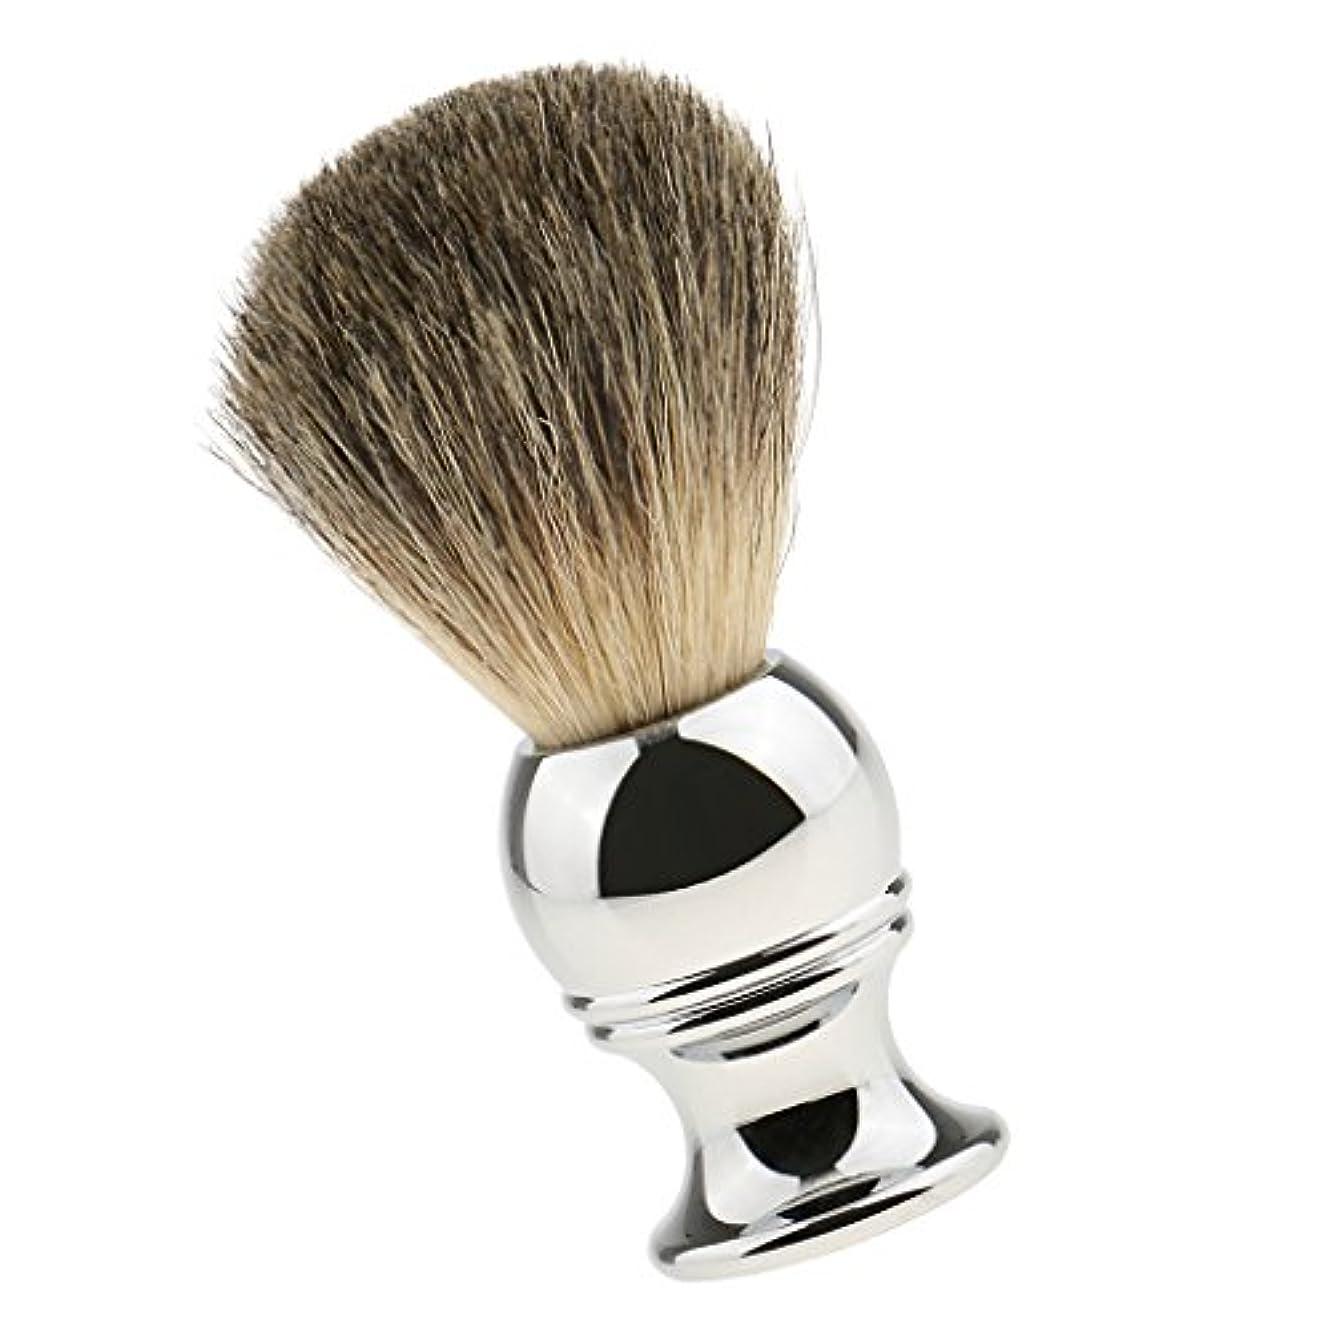 論文やむを得ない説明的Kesoto 男性用 高品質 高密度 シェービングブラシ ロングハンドル 髭剃り 洗顔 ブラシ シェーブツール